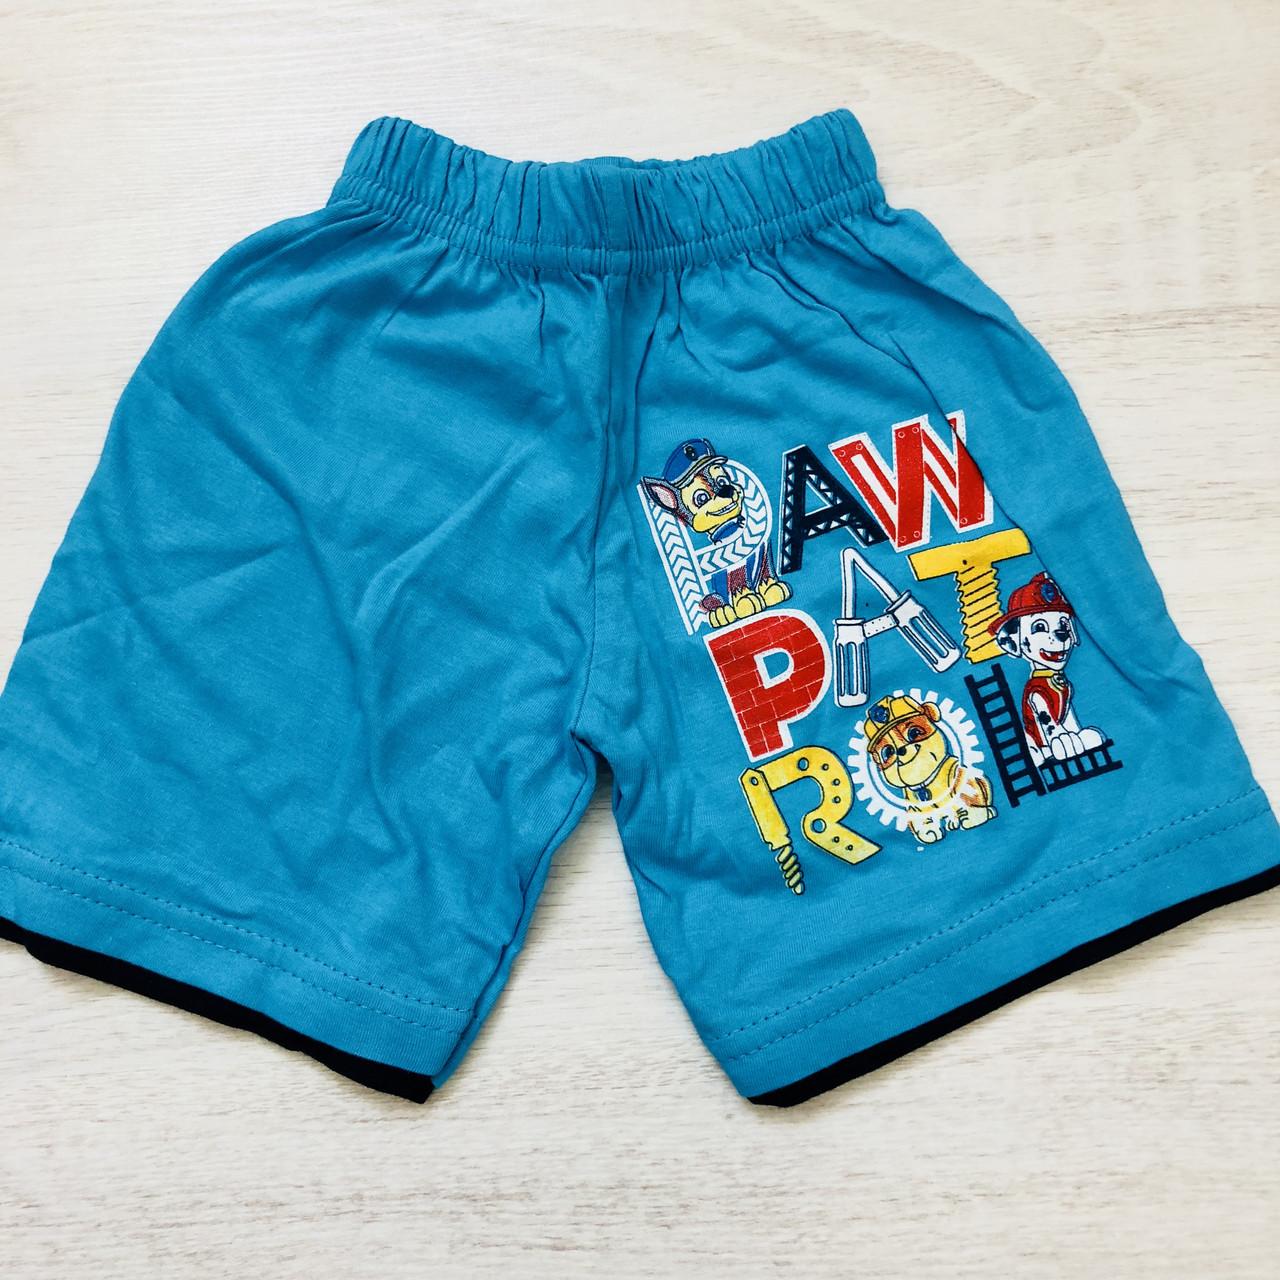 Летние шорты для мальчика Enes (1 год)